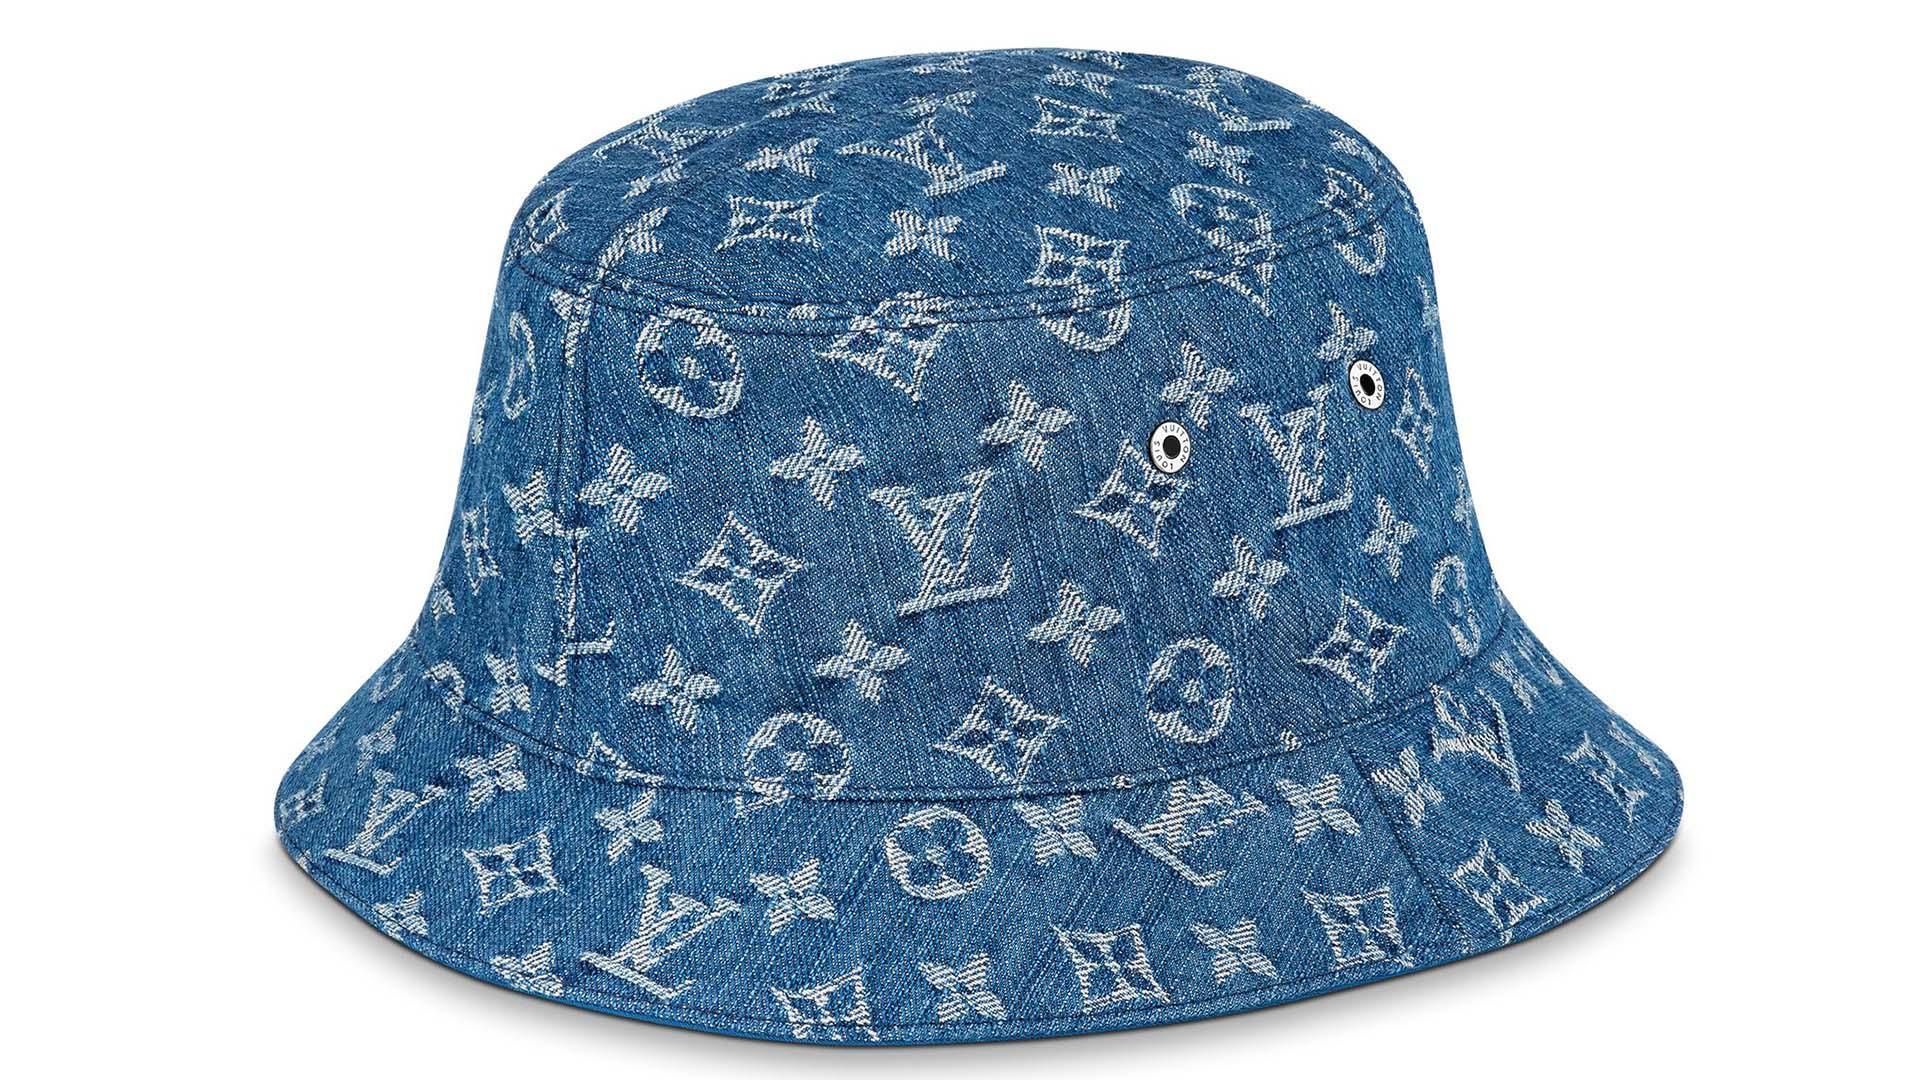 LOUIS VUITTON Monogram Essential Bucket Hat